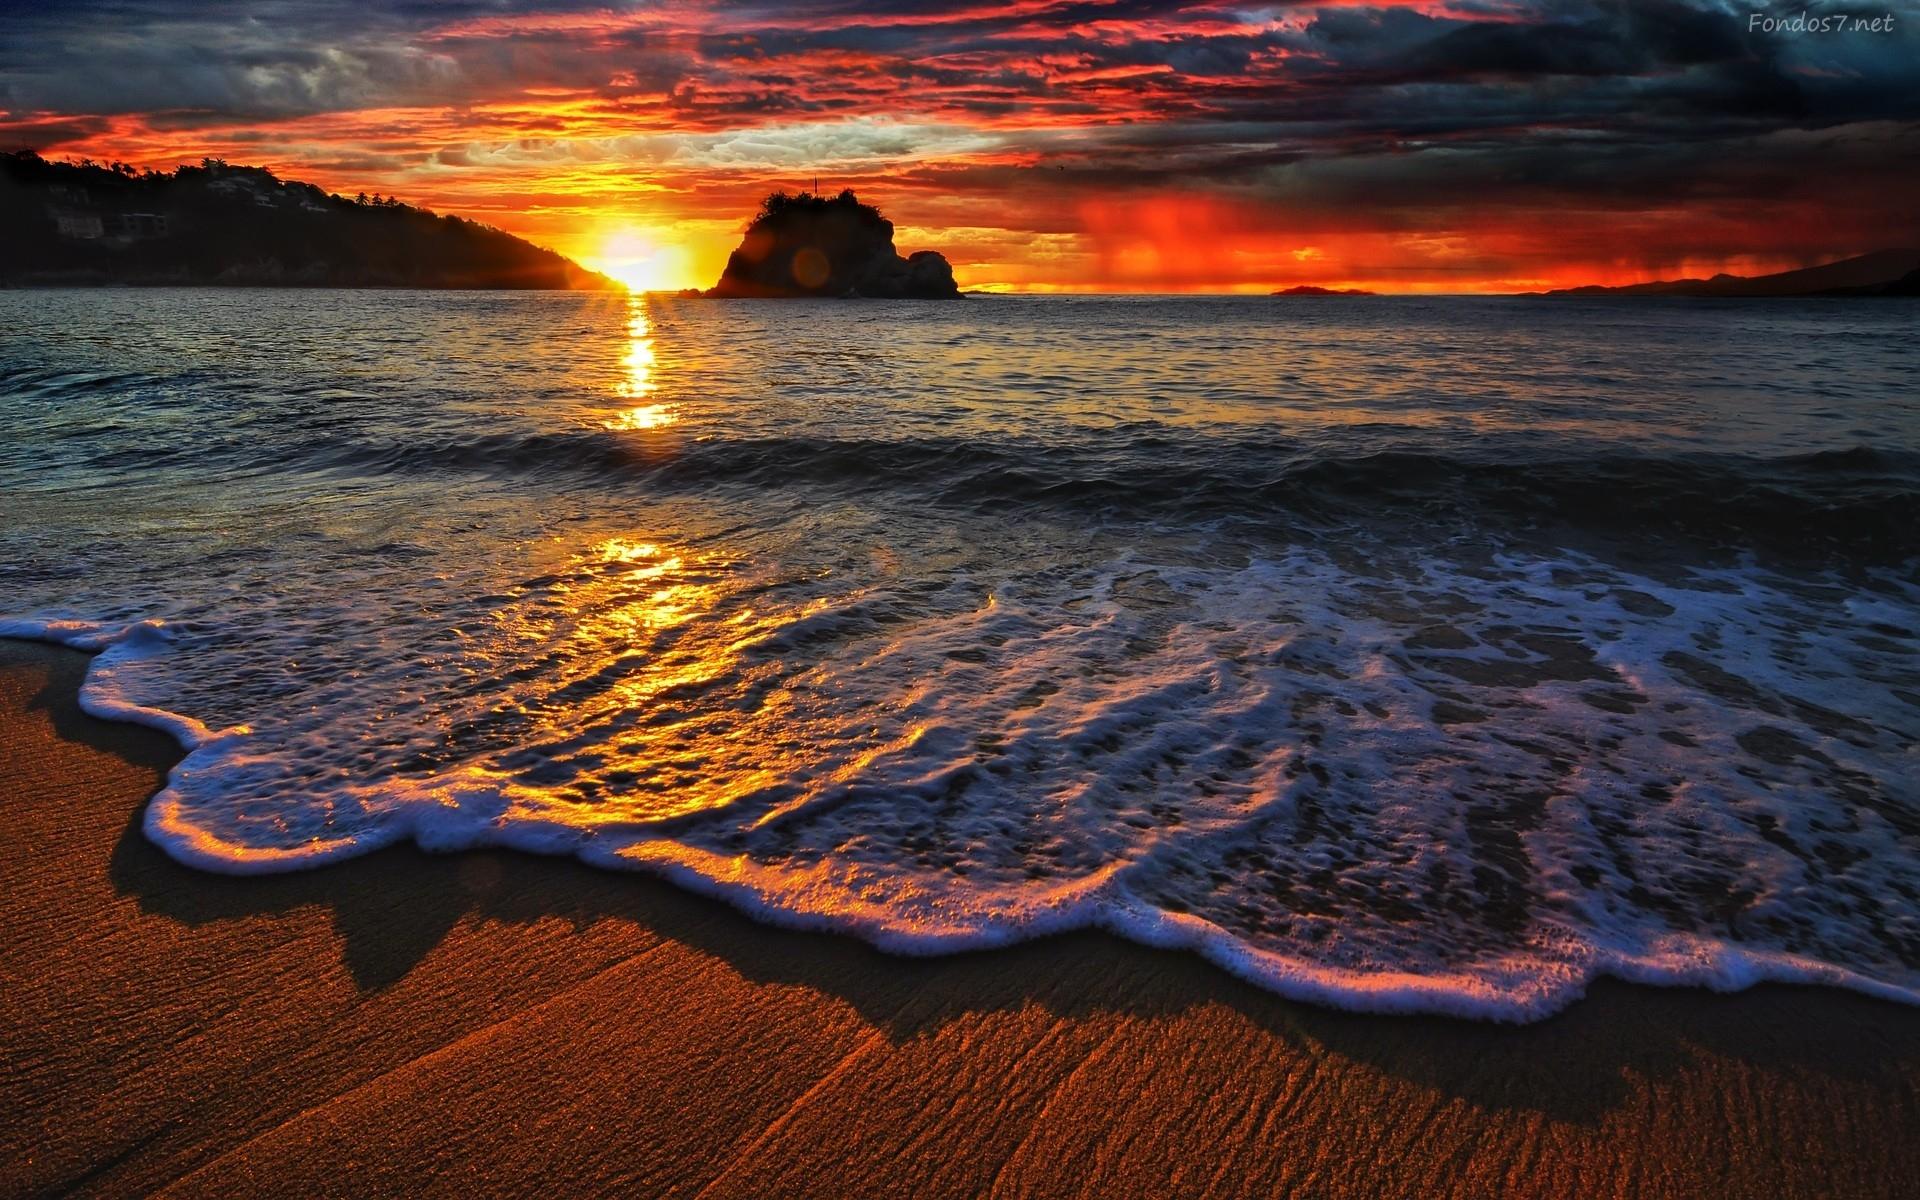 puesta-de-sol-en-playa-4237